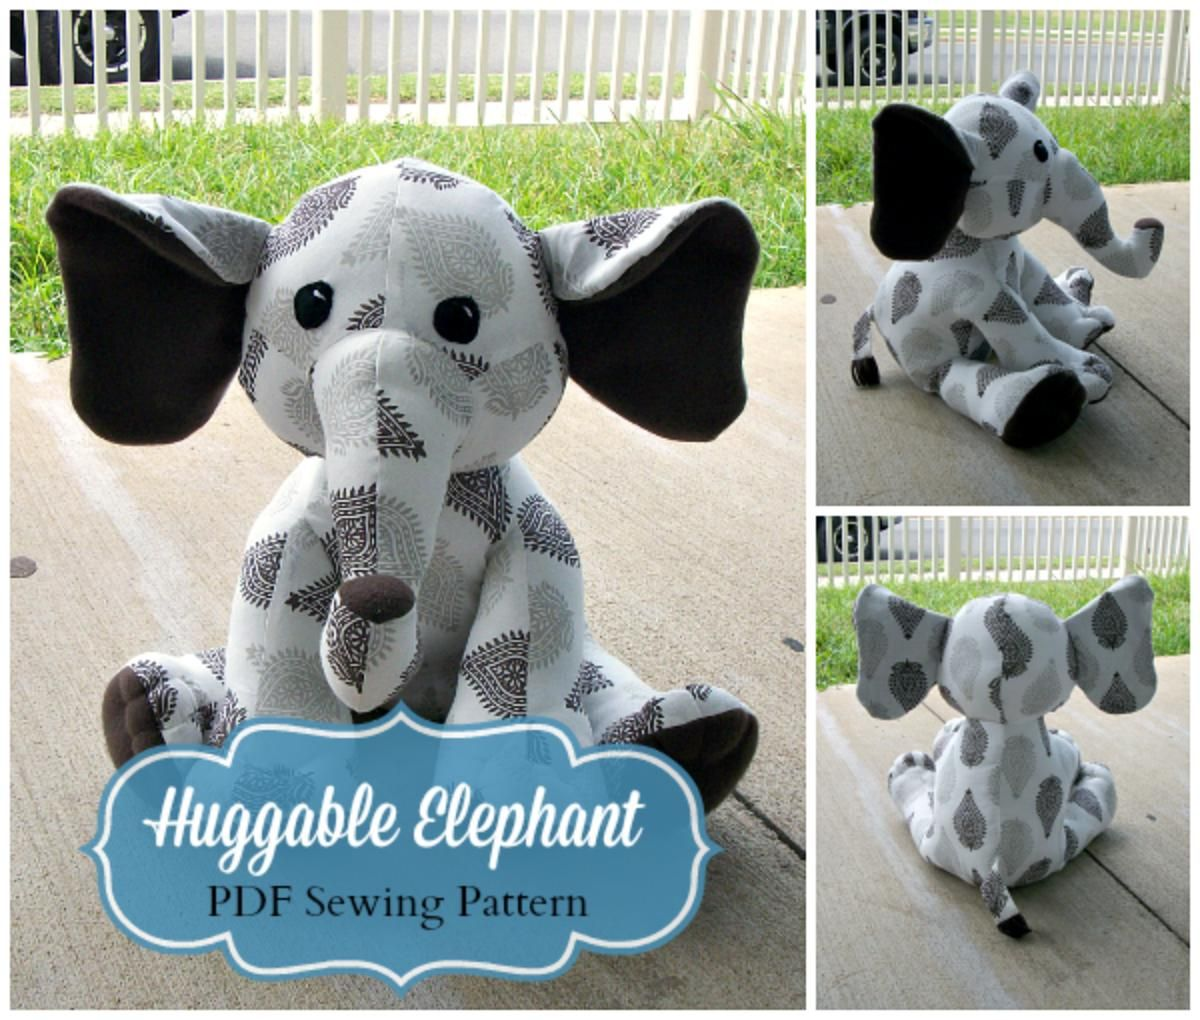 Huggable elephant sewing pattern plush sewing patterns and huggable elephant sewing pattern stuffed toys jeuxipadfo Choice Image